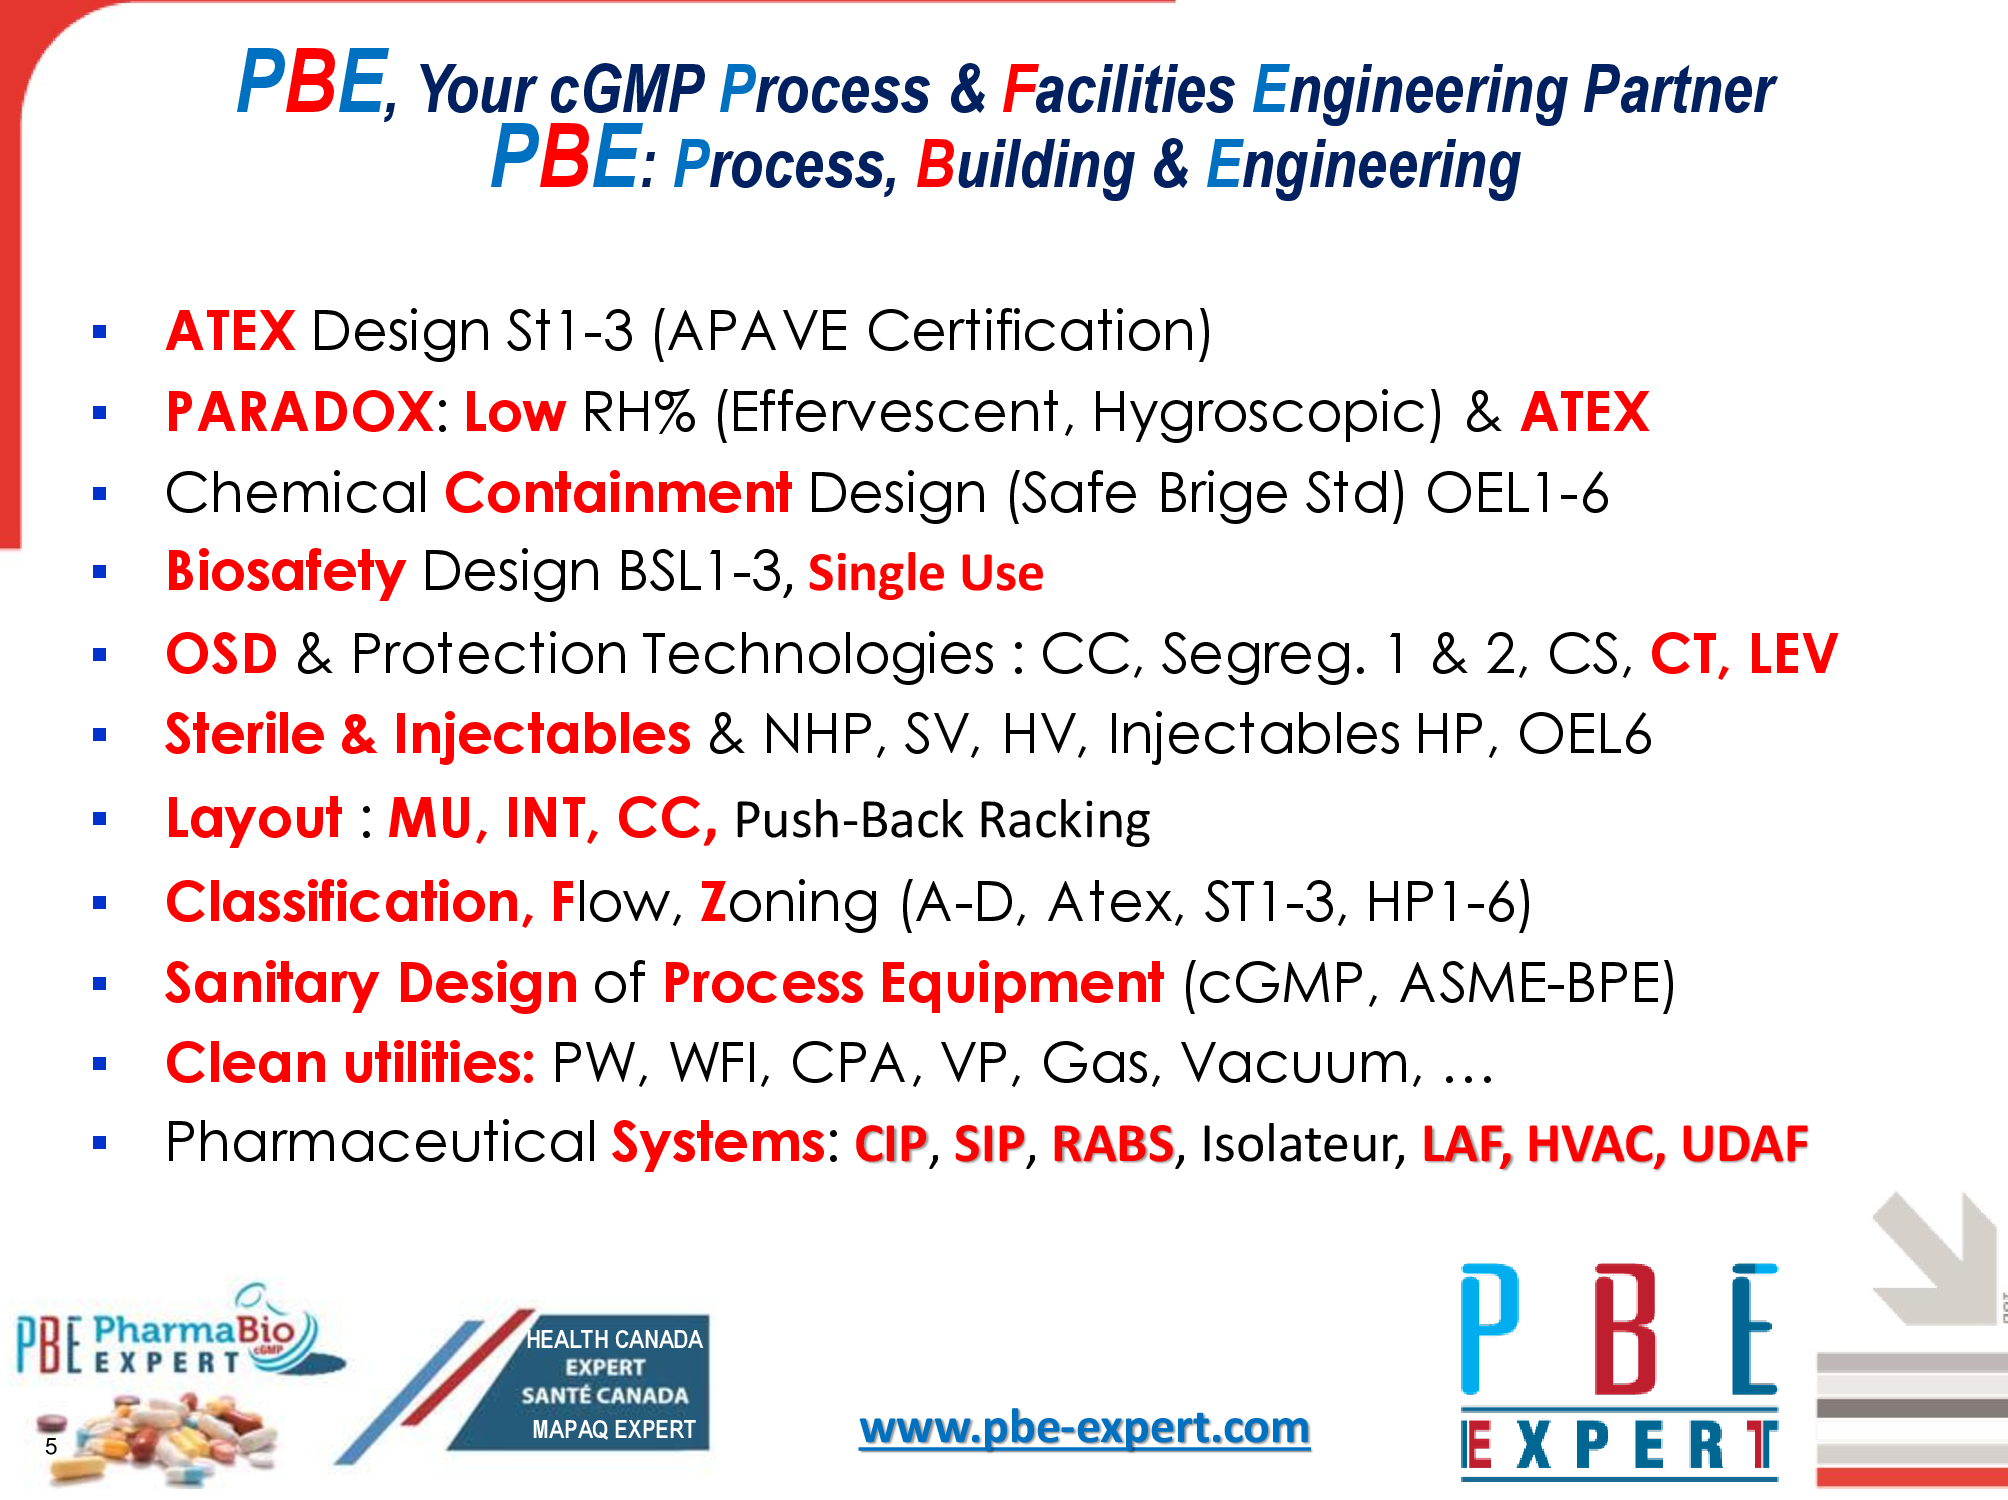 Pharmaceuticals Pbe Expert Inc